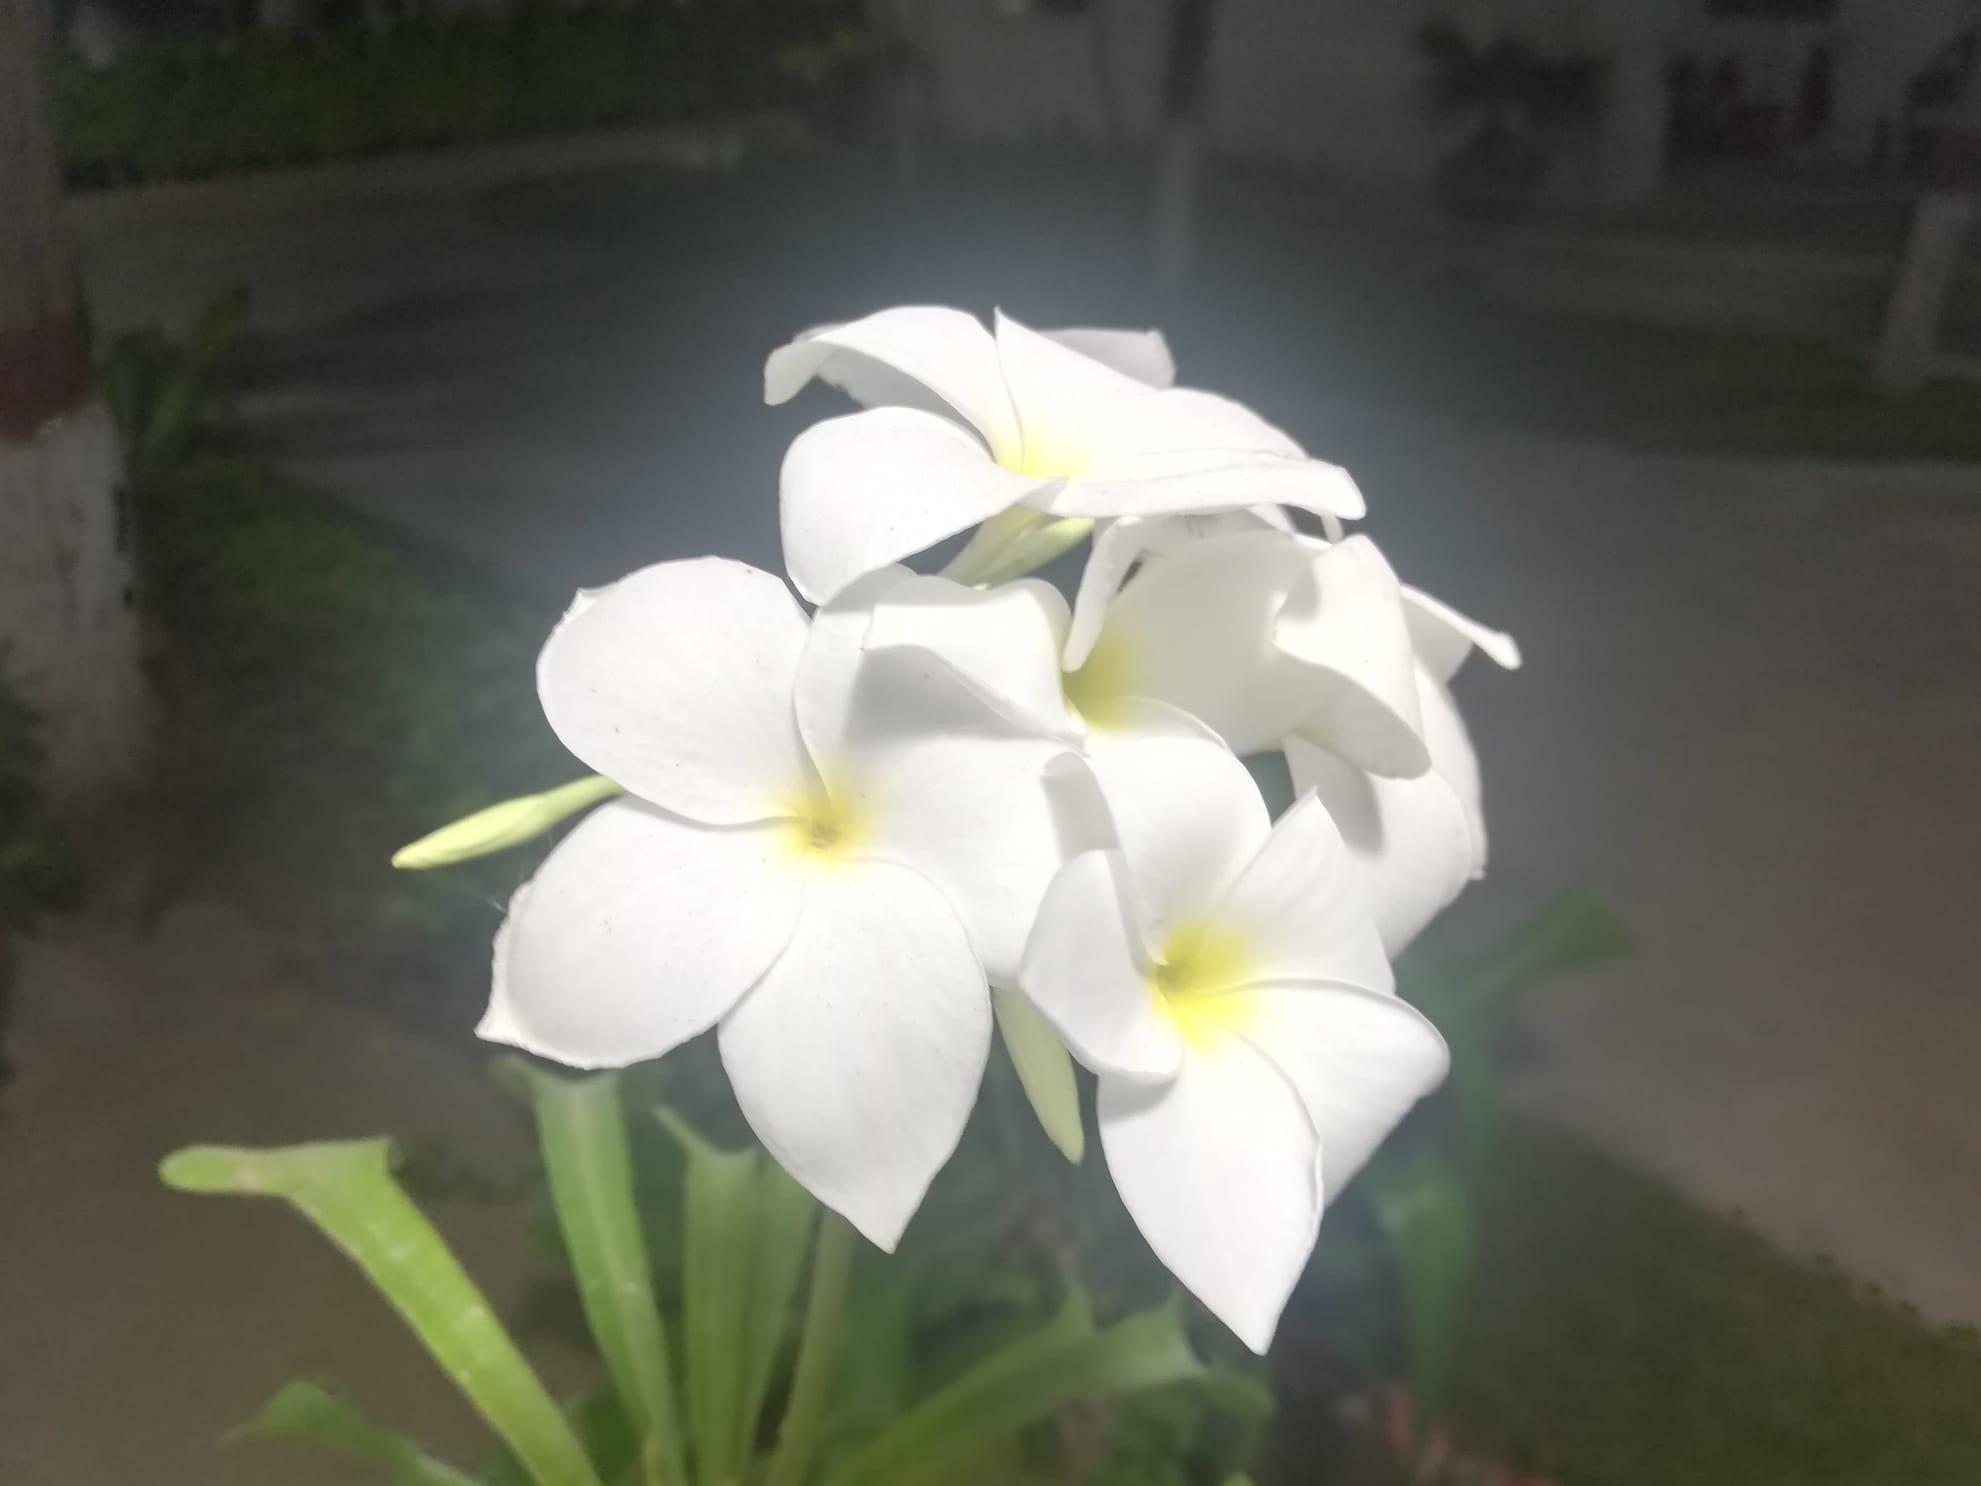 Hawaiian Plumeria White and Yellow Flowers